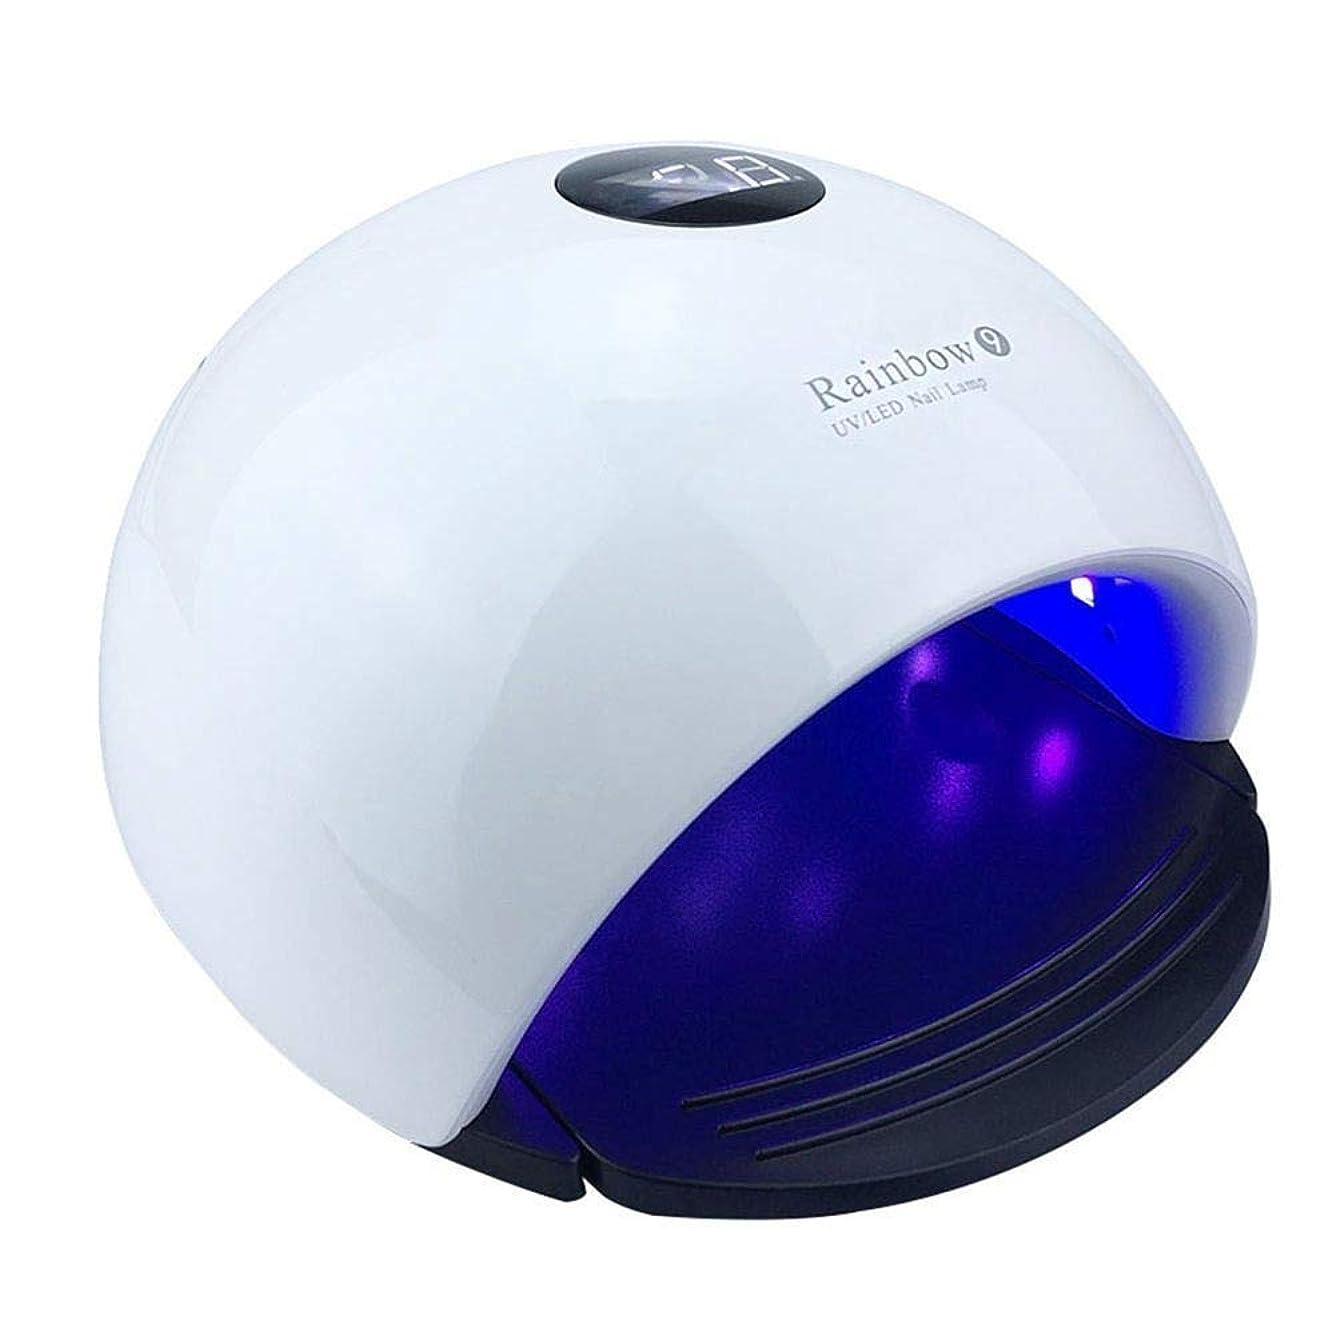 ジャンクションセットする一族ネイルドライヤーRainbow 9 UV Light 48Wネイルドライヤー24個入りLEDランプネイル用UV LEDネイルランプジェルネイル用硬化ポリッシュマニキュアツール、写真の色